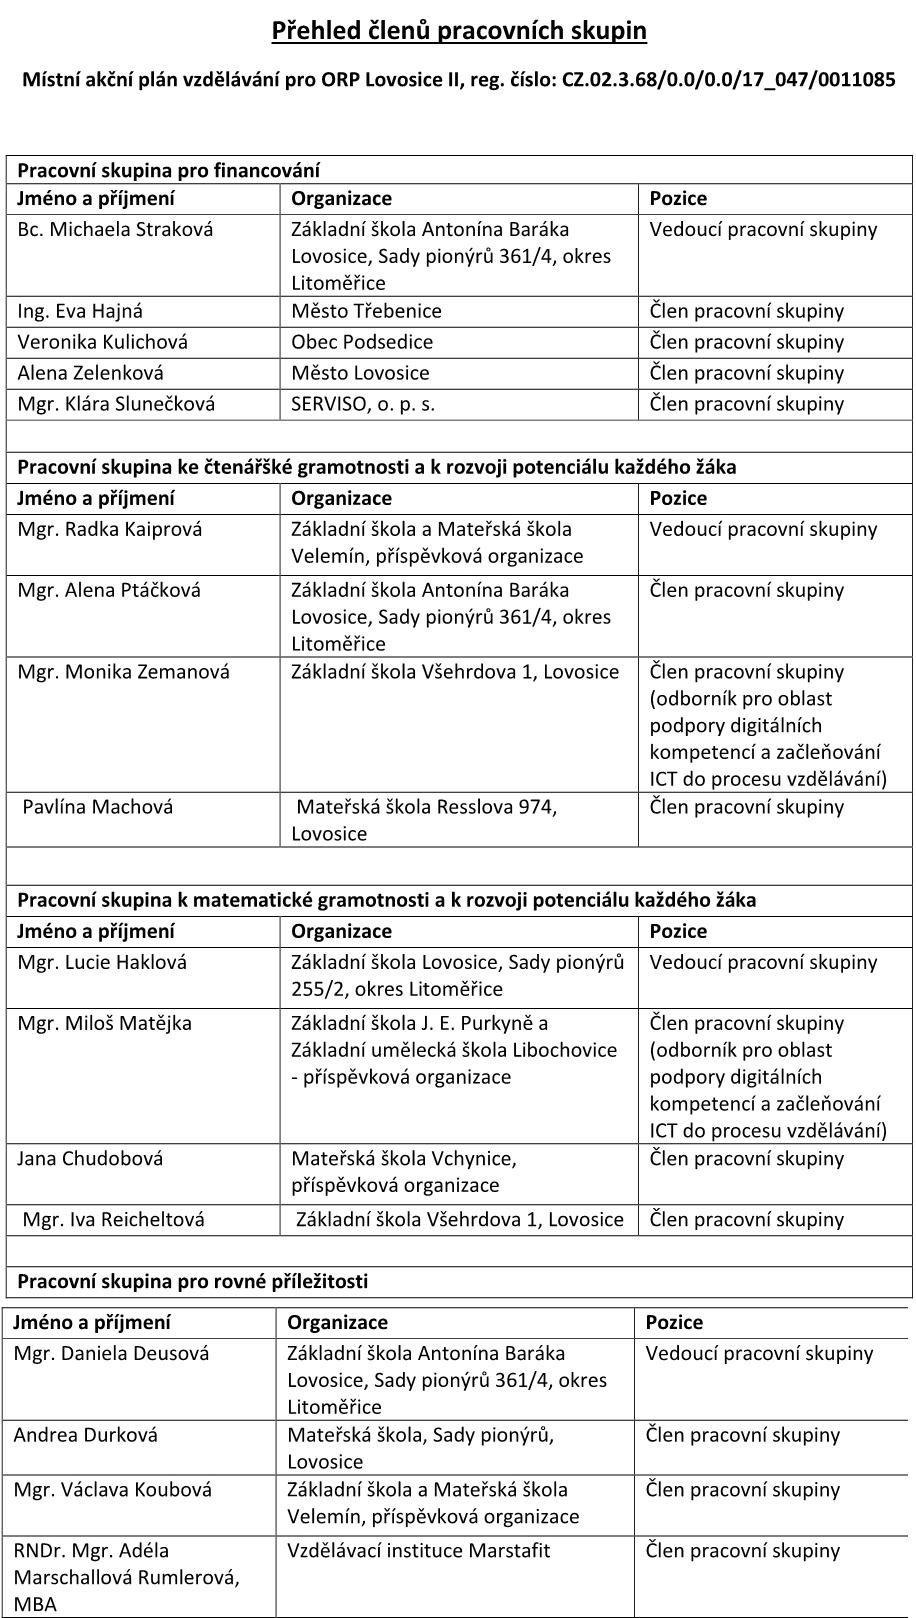 Složení pracovních skupin